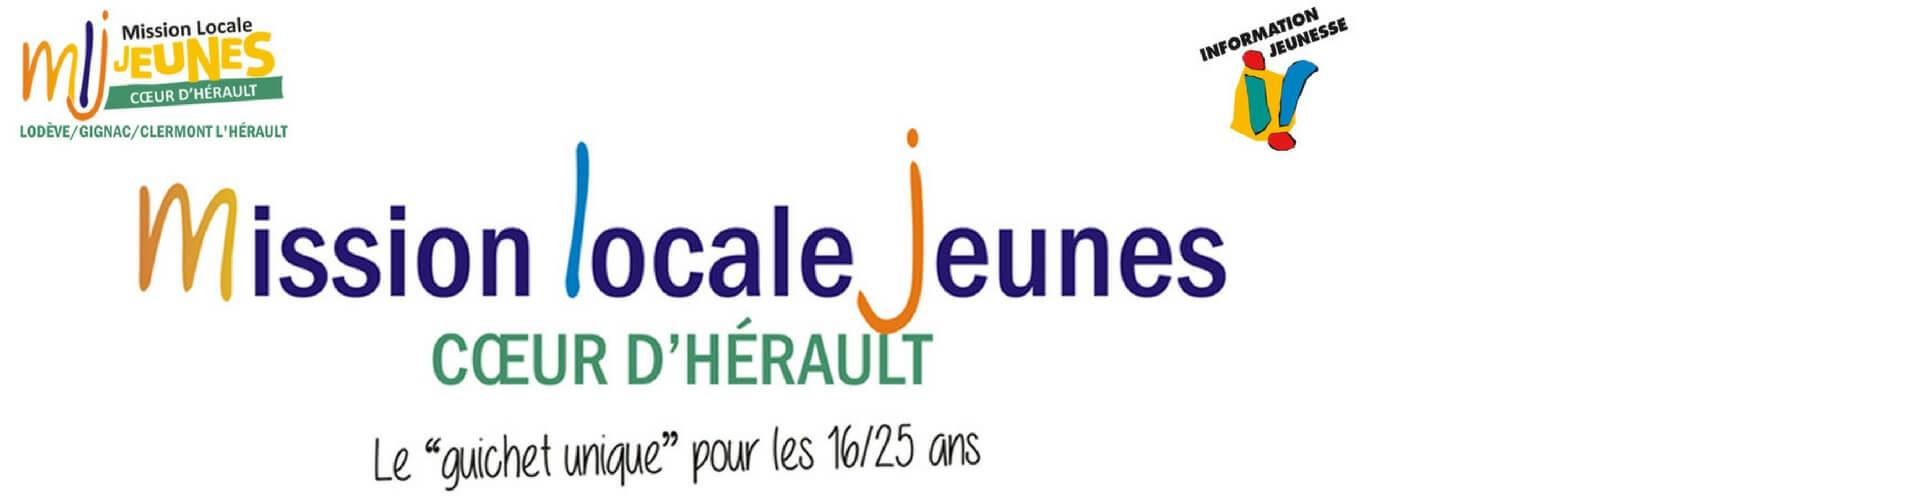 Mission locale Jeunes Clermont l'Hérault